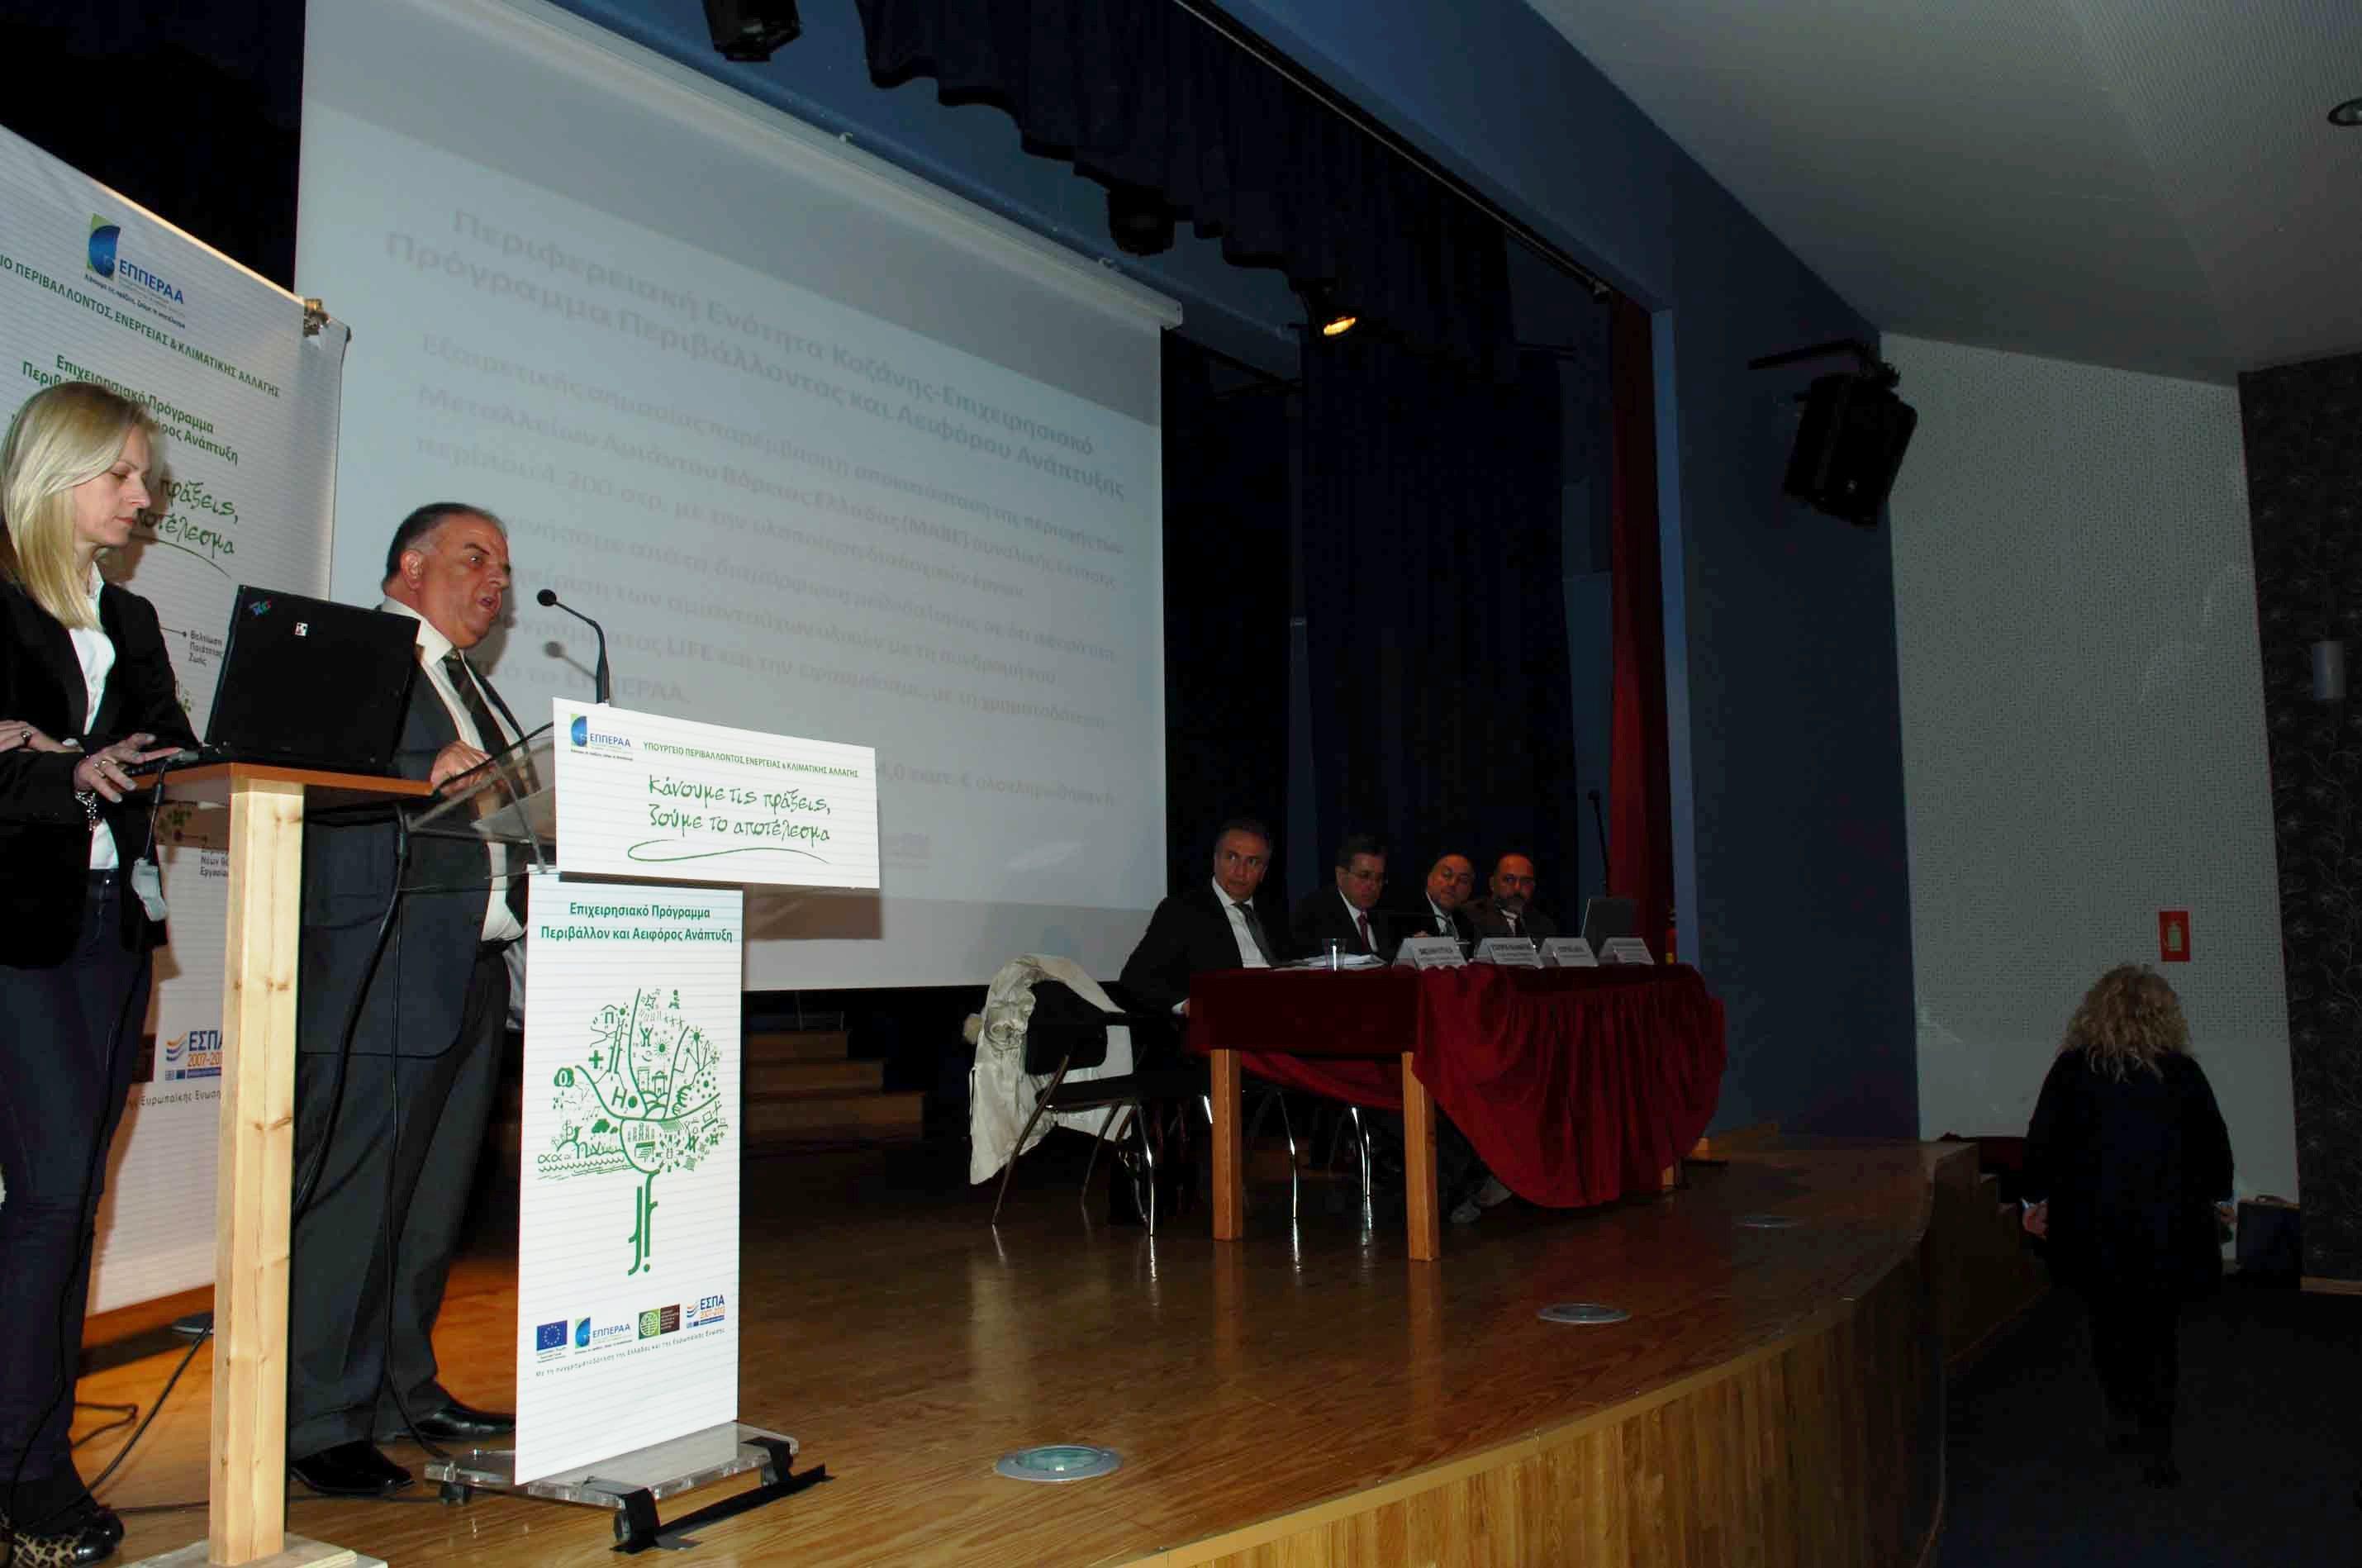 Εισήγηση του Αντιπεριφερειάρχη ΠΕ Κοζάνης Γιάννη Σόκουτη στην Ημερίδα του Επιχειρησιακού Προγράμματος «Περιβάλλον και Αειφόρος Ανάπτυξη» στην Φλώρινα